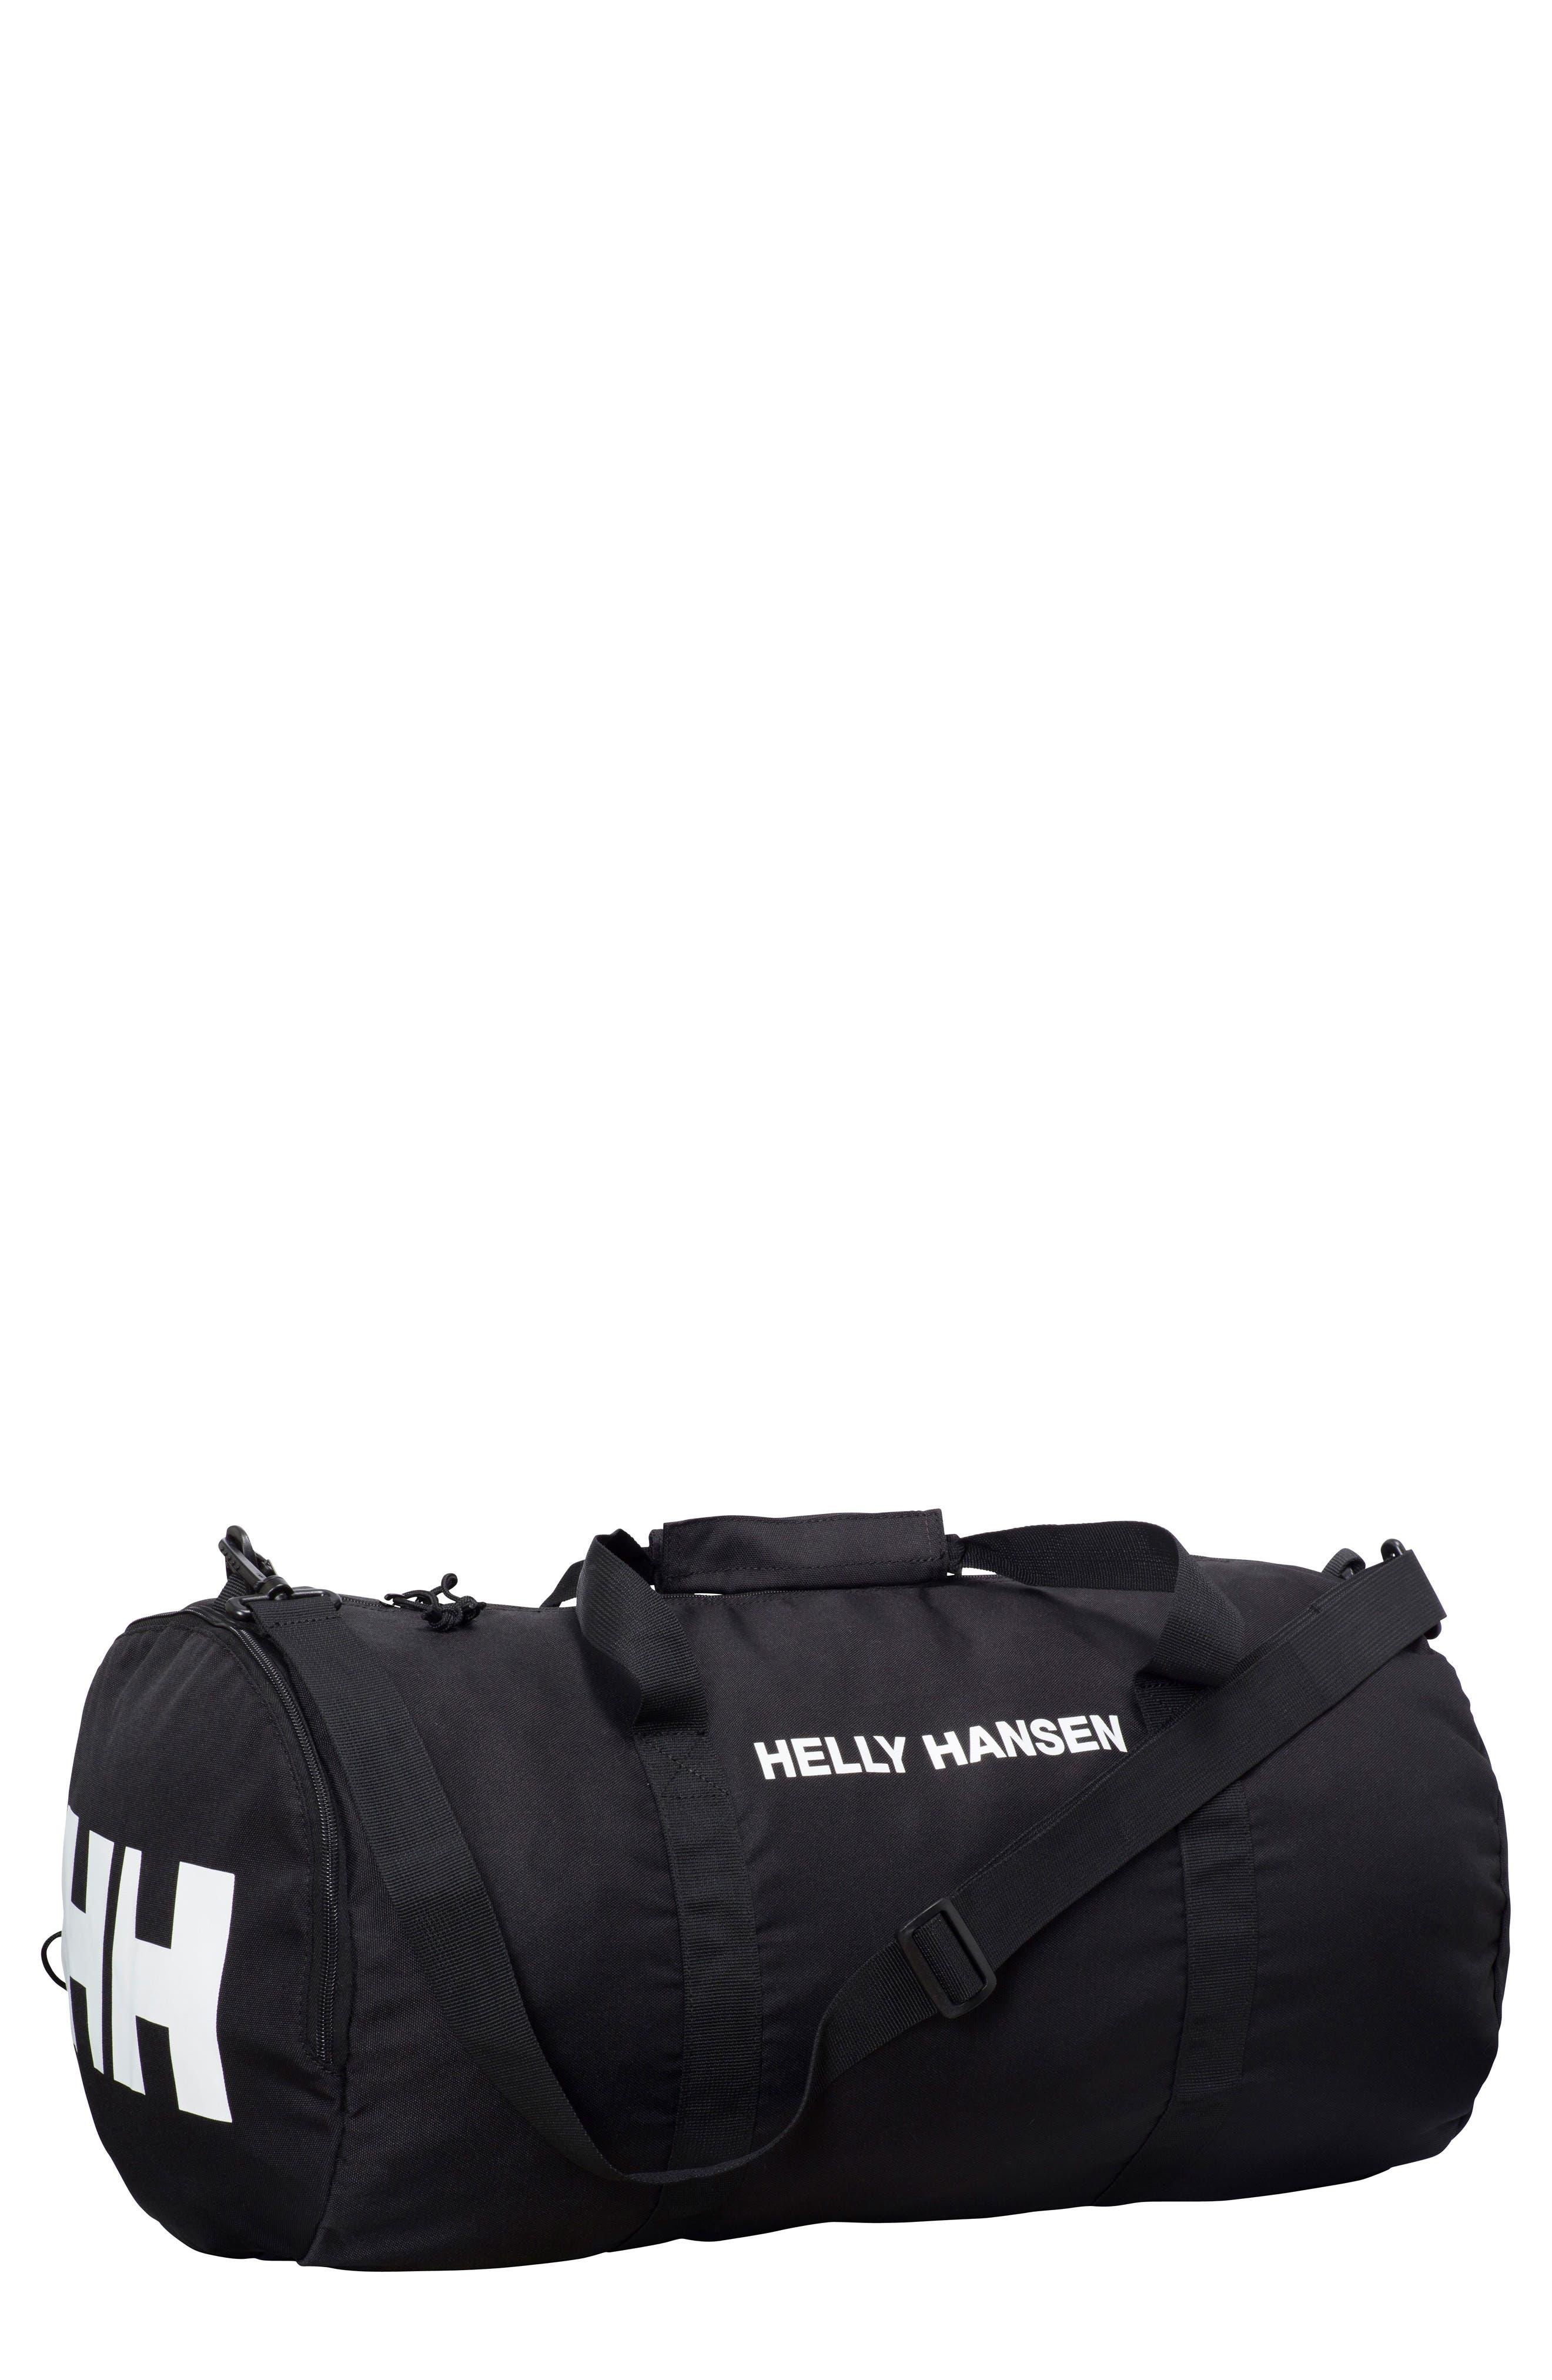 Helly Hansen Medium Packable Duffel Bag